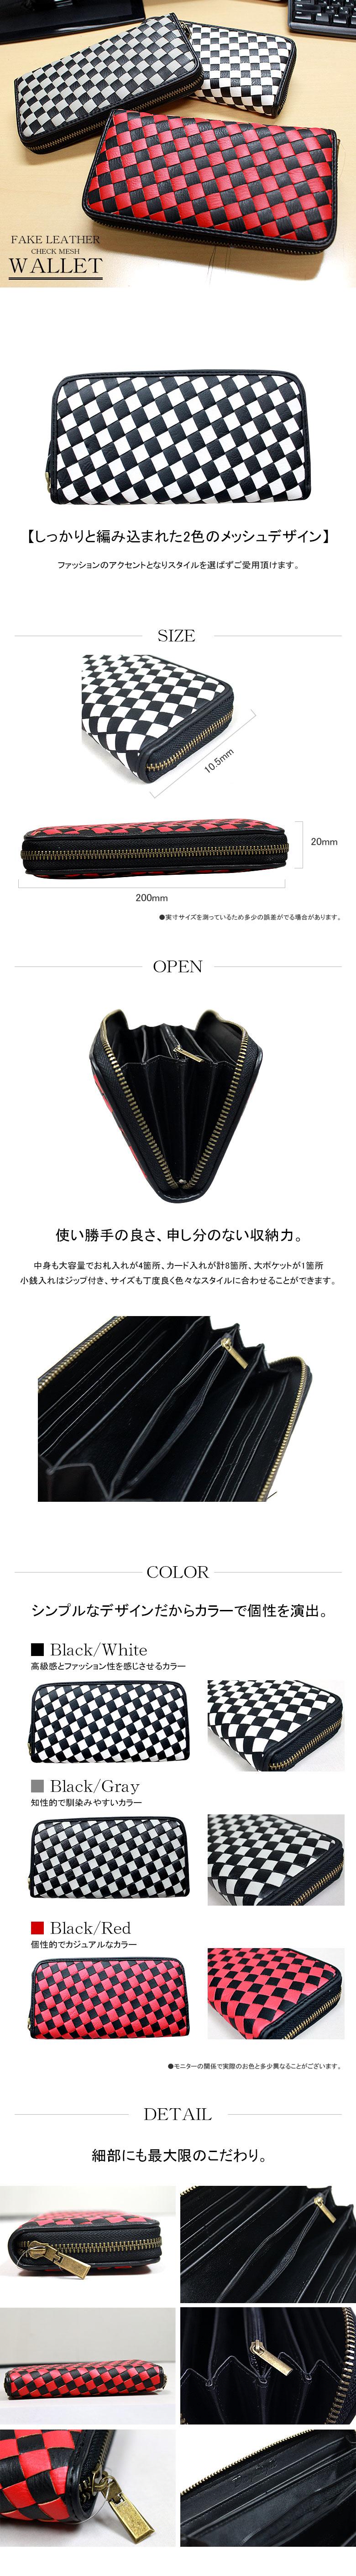 財布 通販 チェック柄 メッシュ ロングウォレットブラック/ホワイト・ブラック/グレイ・ブラック/レッド合成皮革